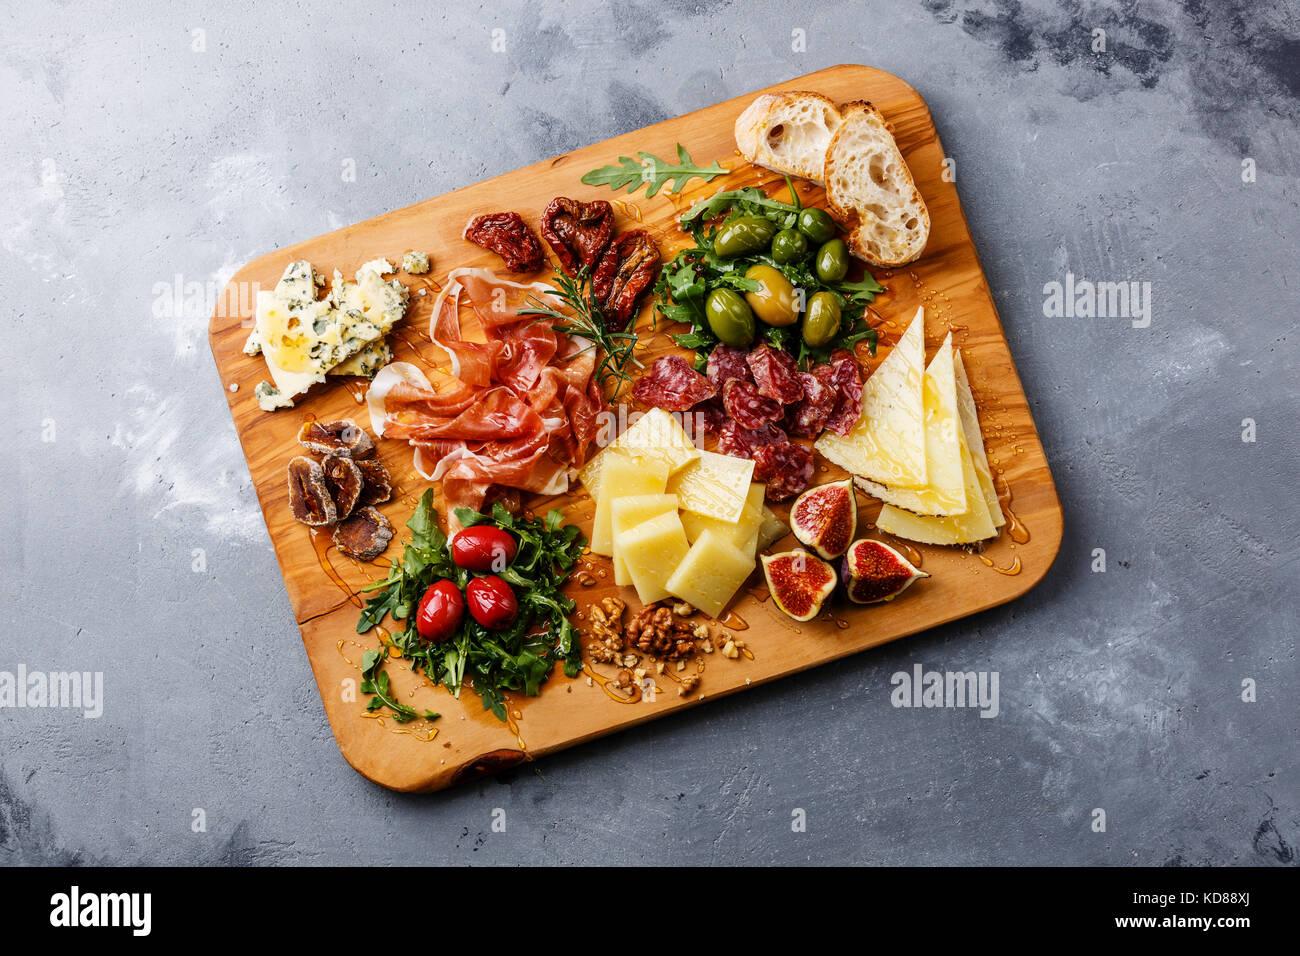 Italienische Snacks essen mit Schinken, Oliven, Käse, getrockneten Tomaten, Wurst und Brot auf Holz Schneidebrett Stockbild